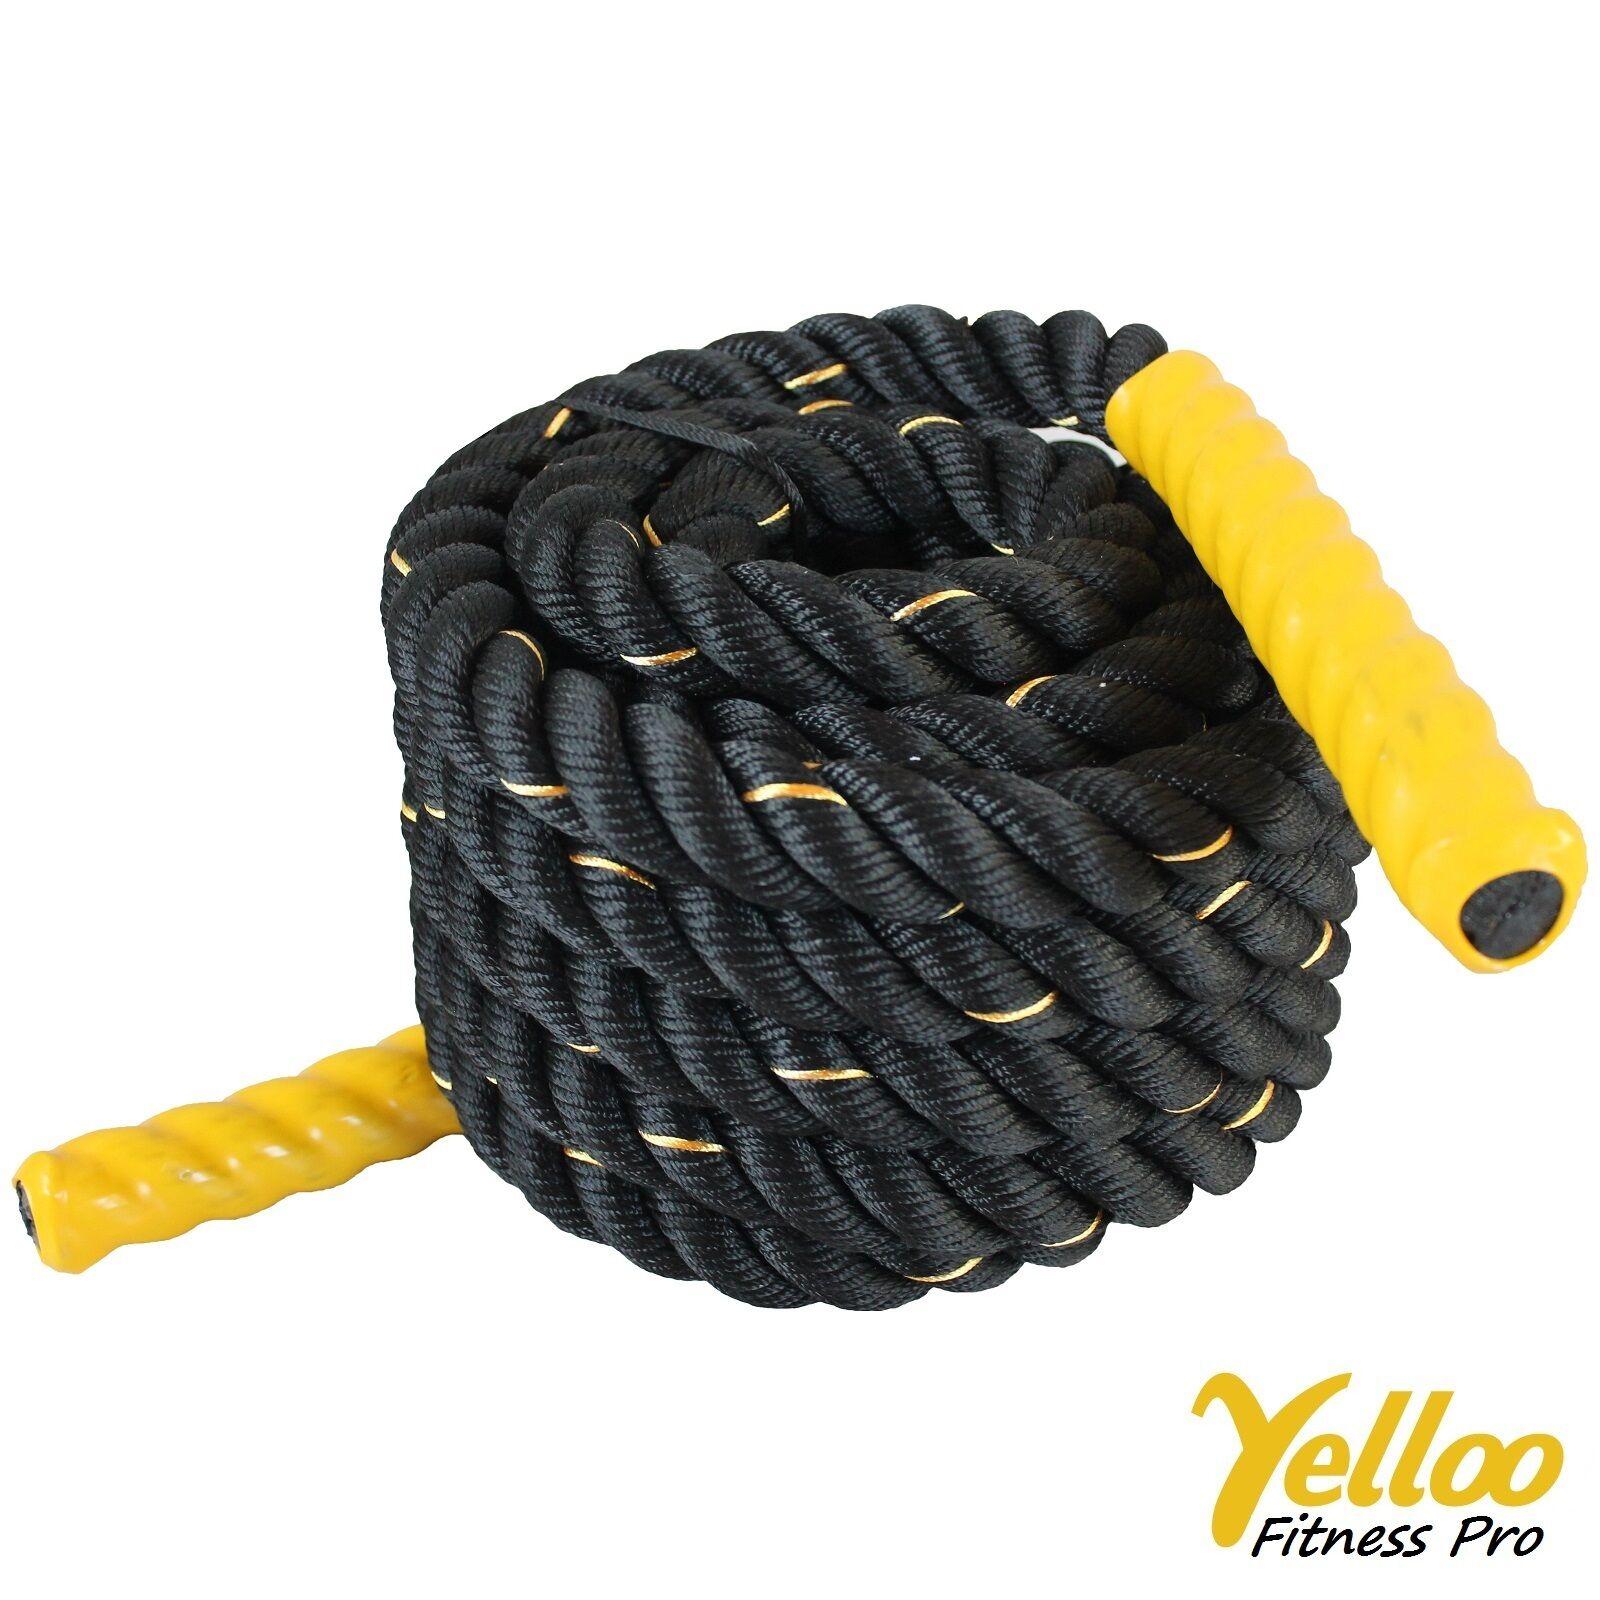 Corde Fitness Entraînement Power Crossfit Battle 9 Mètres X 38 mm jaune